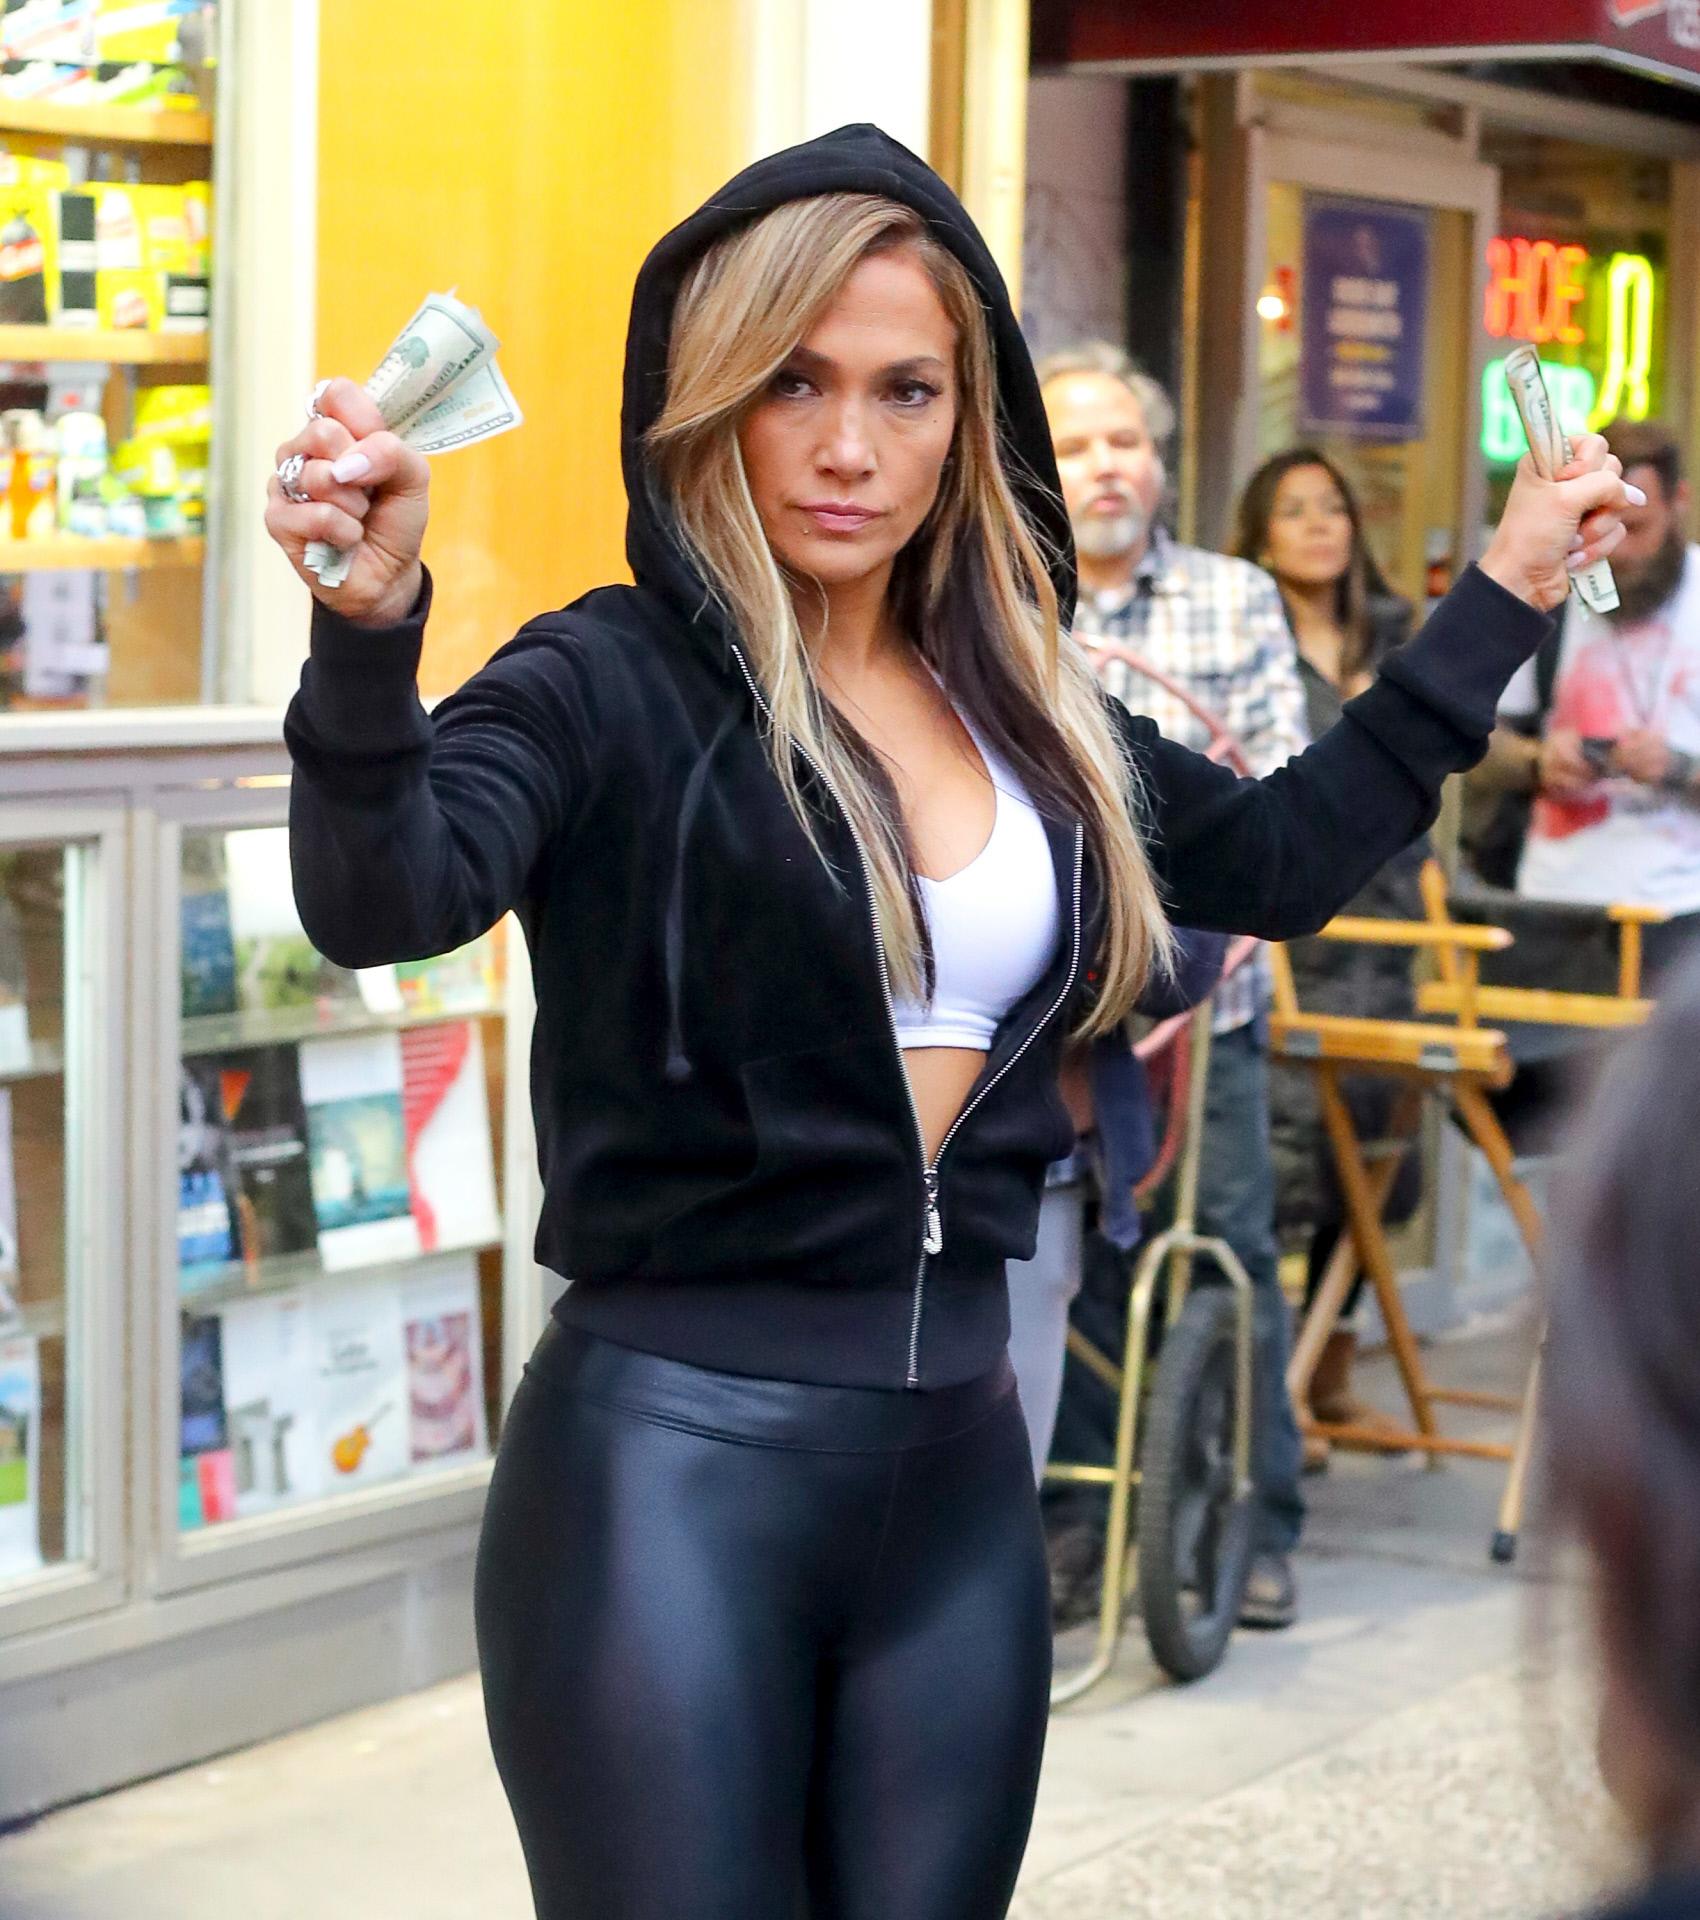 La actriz durante el rodaje de Estafadoras de Wall Street